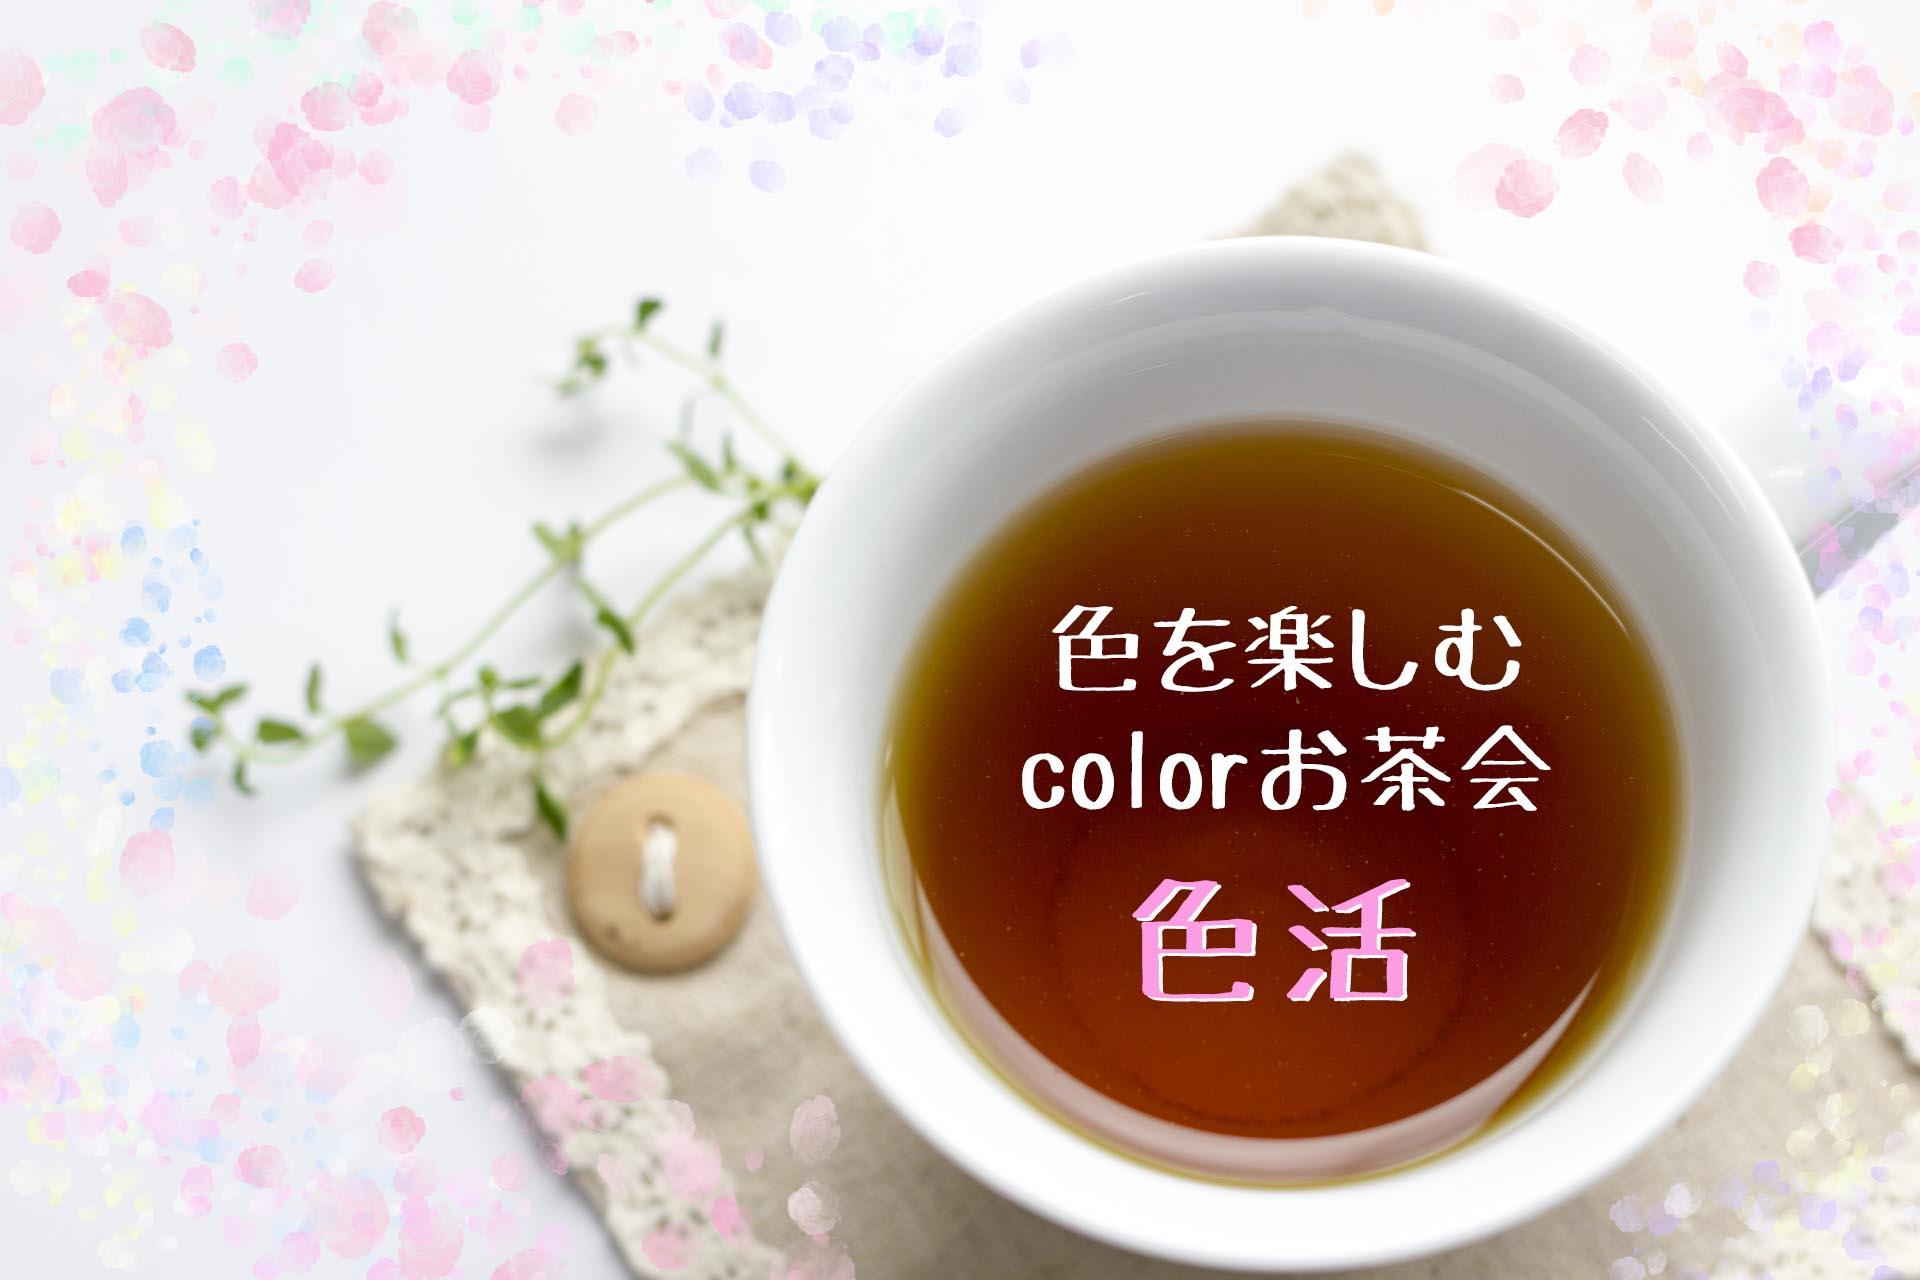 3月13日は【色活】開催です!